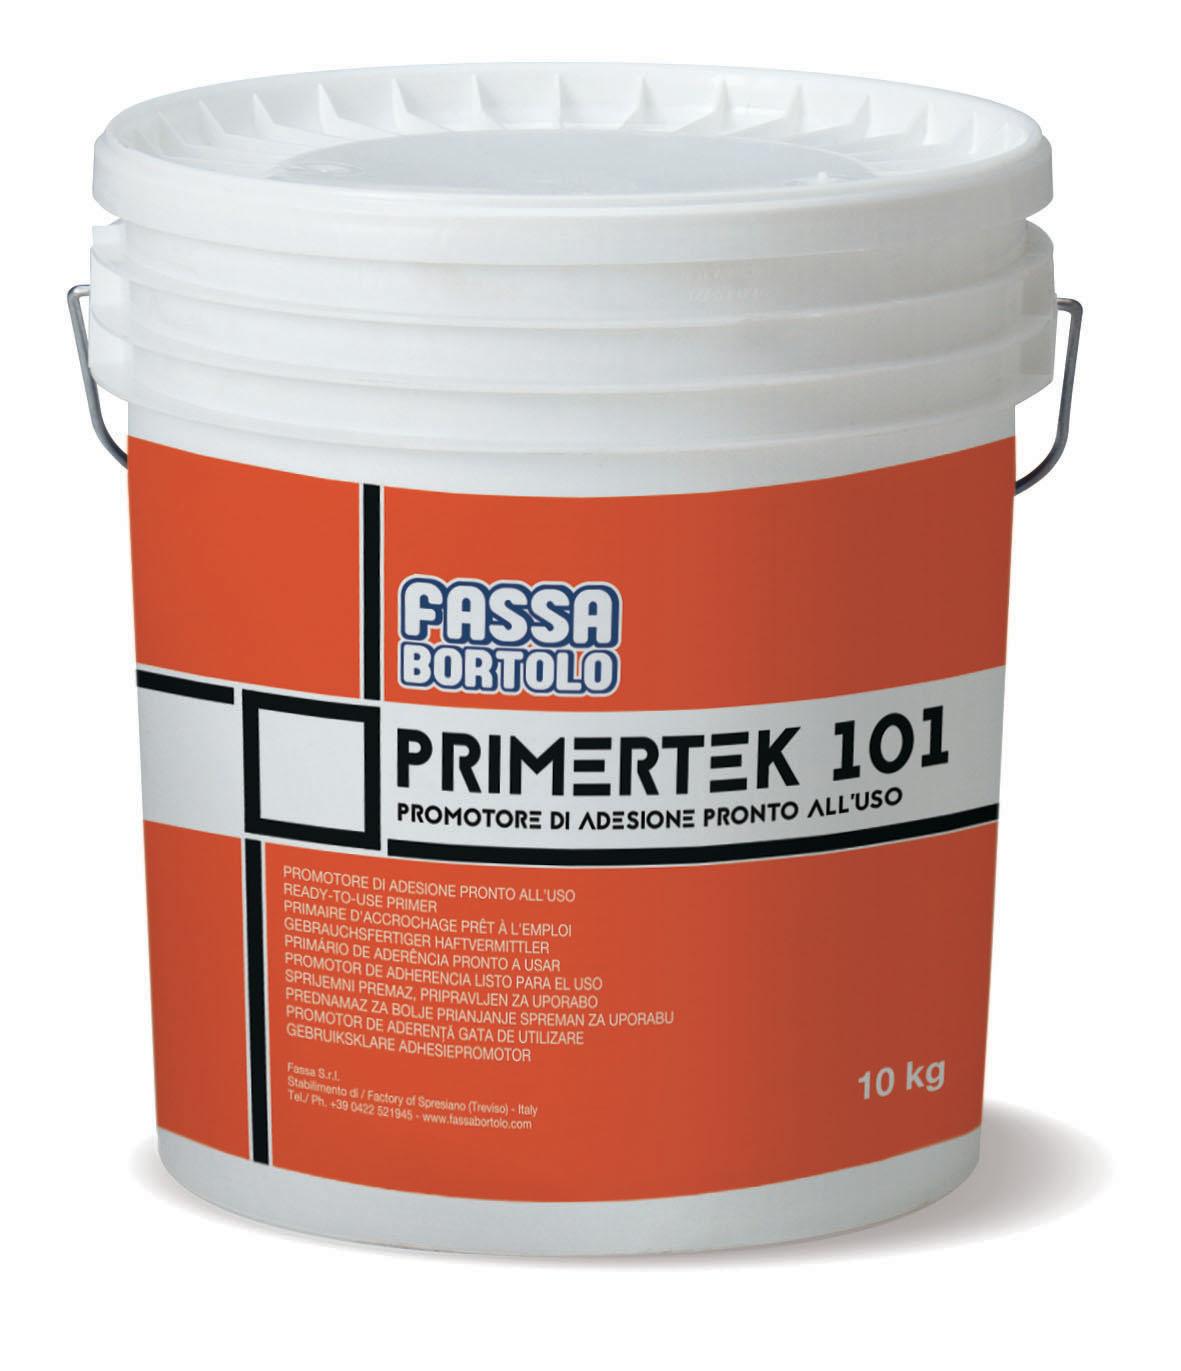 PRIMERTEK 101: Promotore di adesione monocomponente a base di resine acriliche, di facile applicazione e pronto all'uso